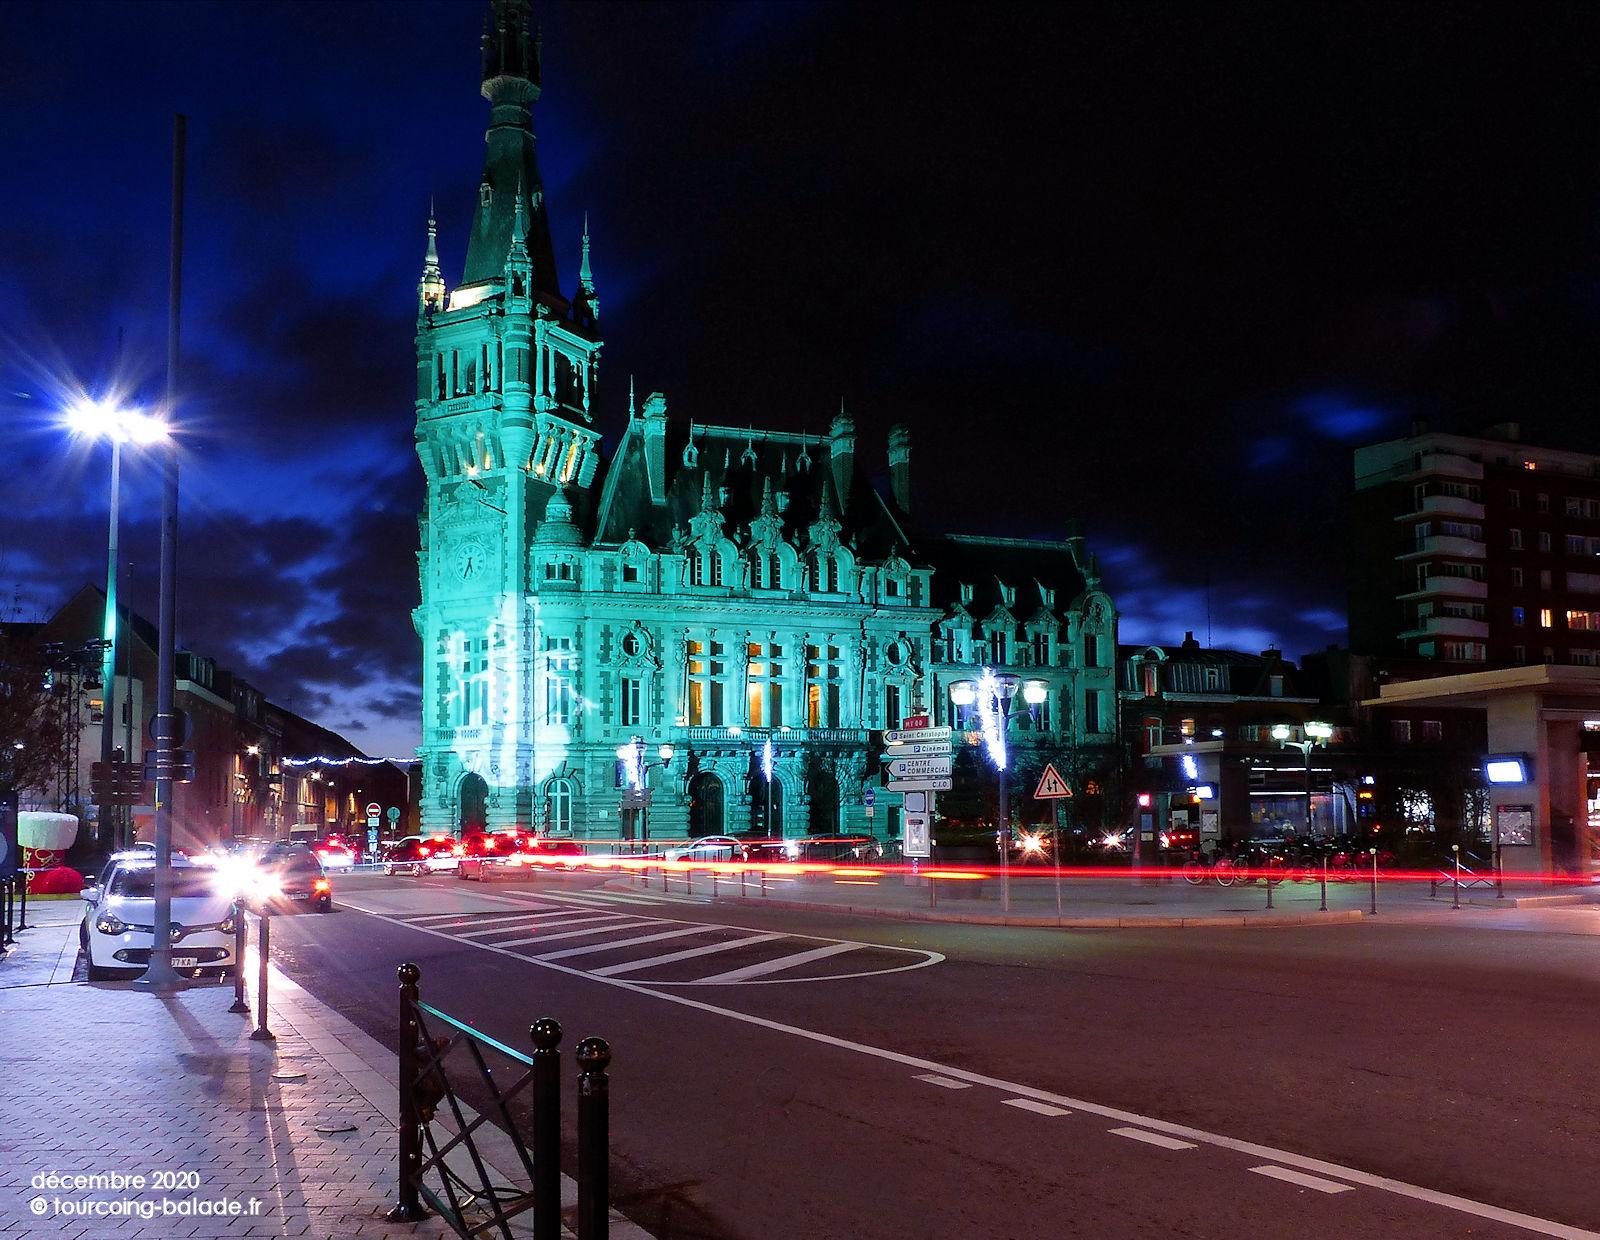 Tourcoing Nuit 2020 - Beffroi illuminé